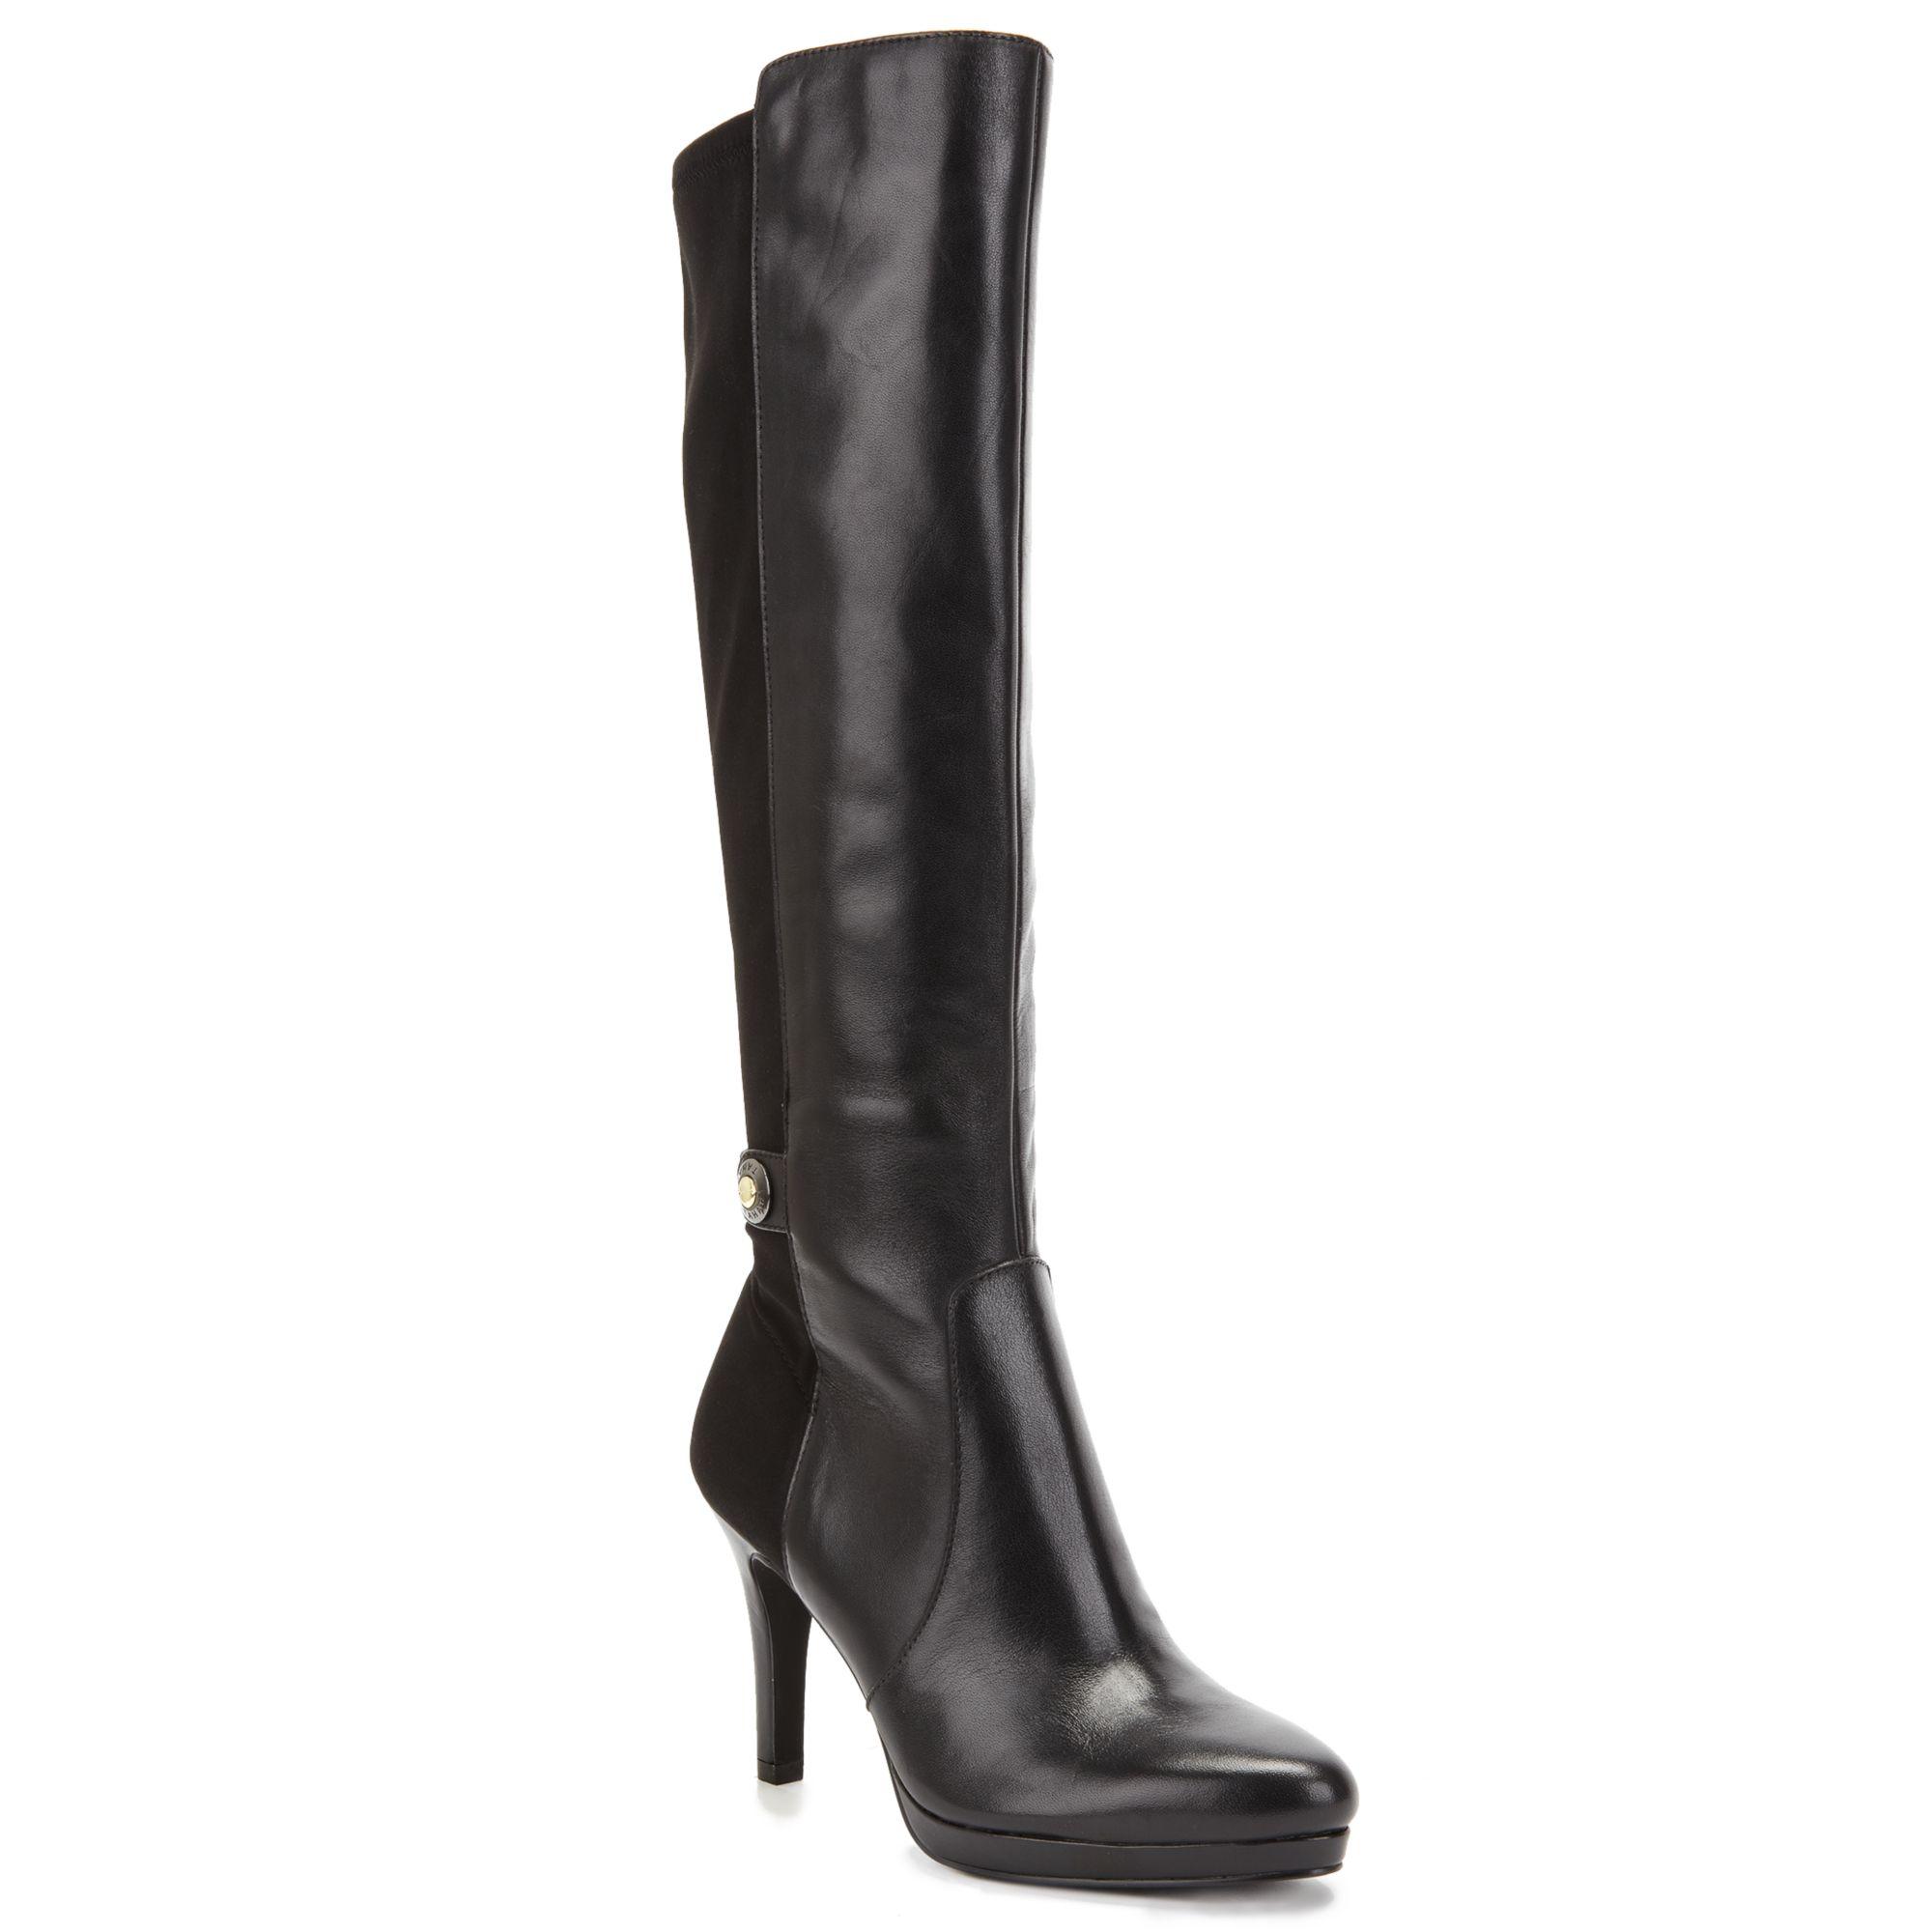 tahari garrett dress boots in black lyst